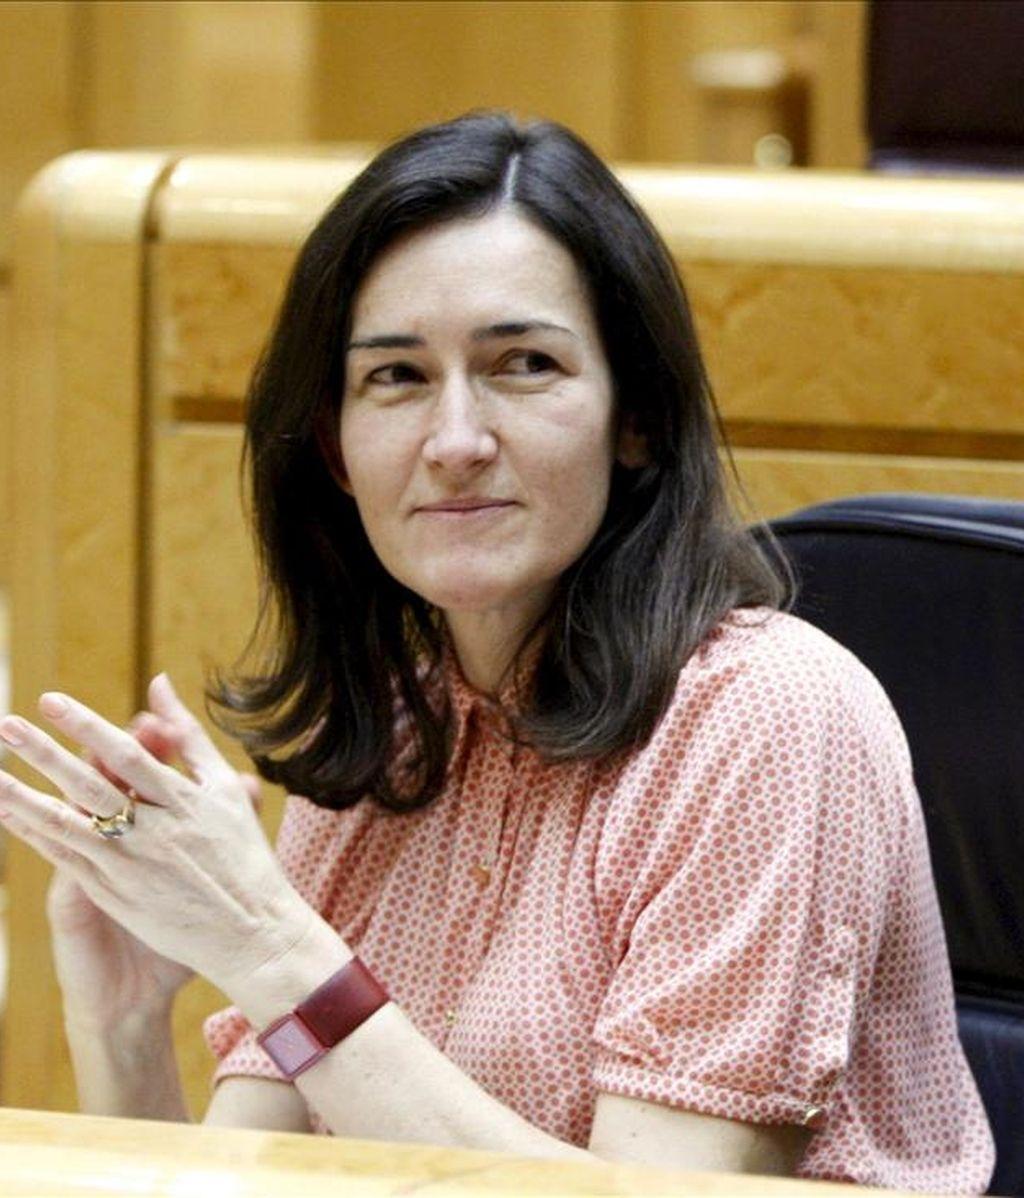 La ministra de Cultura, Ángeles González-Sinde. EFE/Archivo